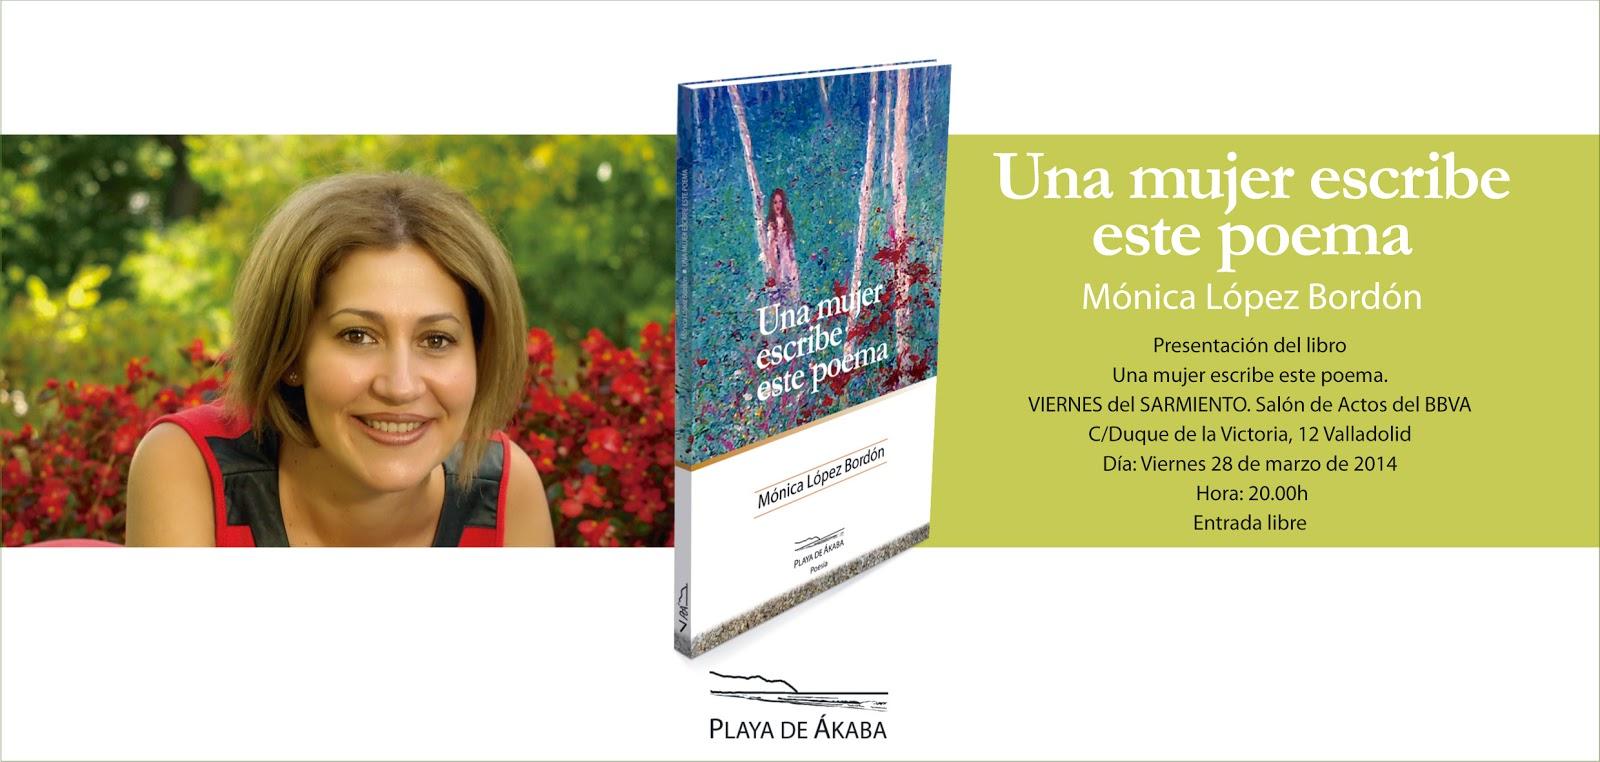 Una mujer escribe este poema, Viernes del Sarmiento, Playa de Ákaba, Mónica López Bordón